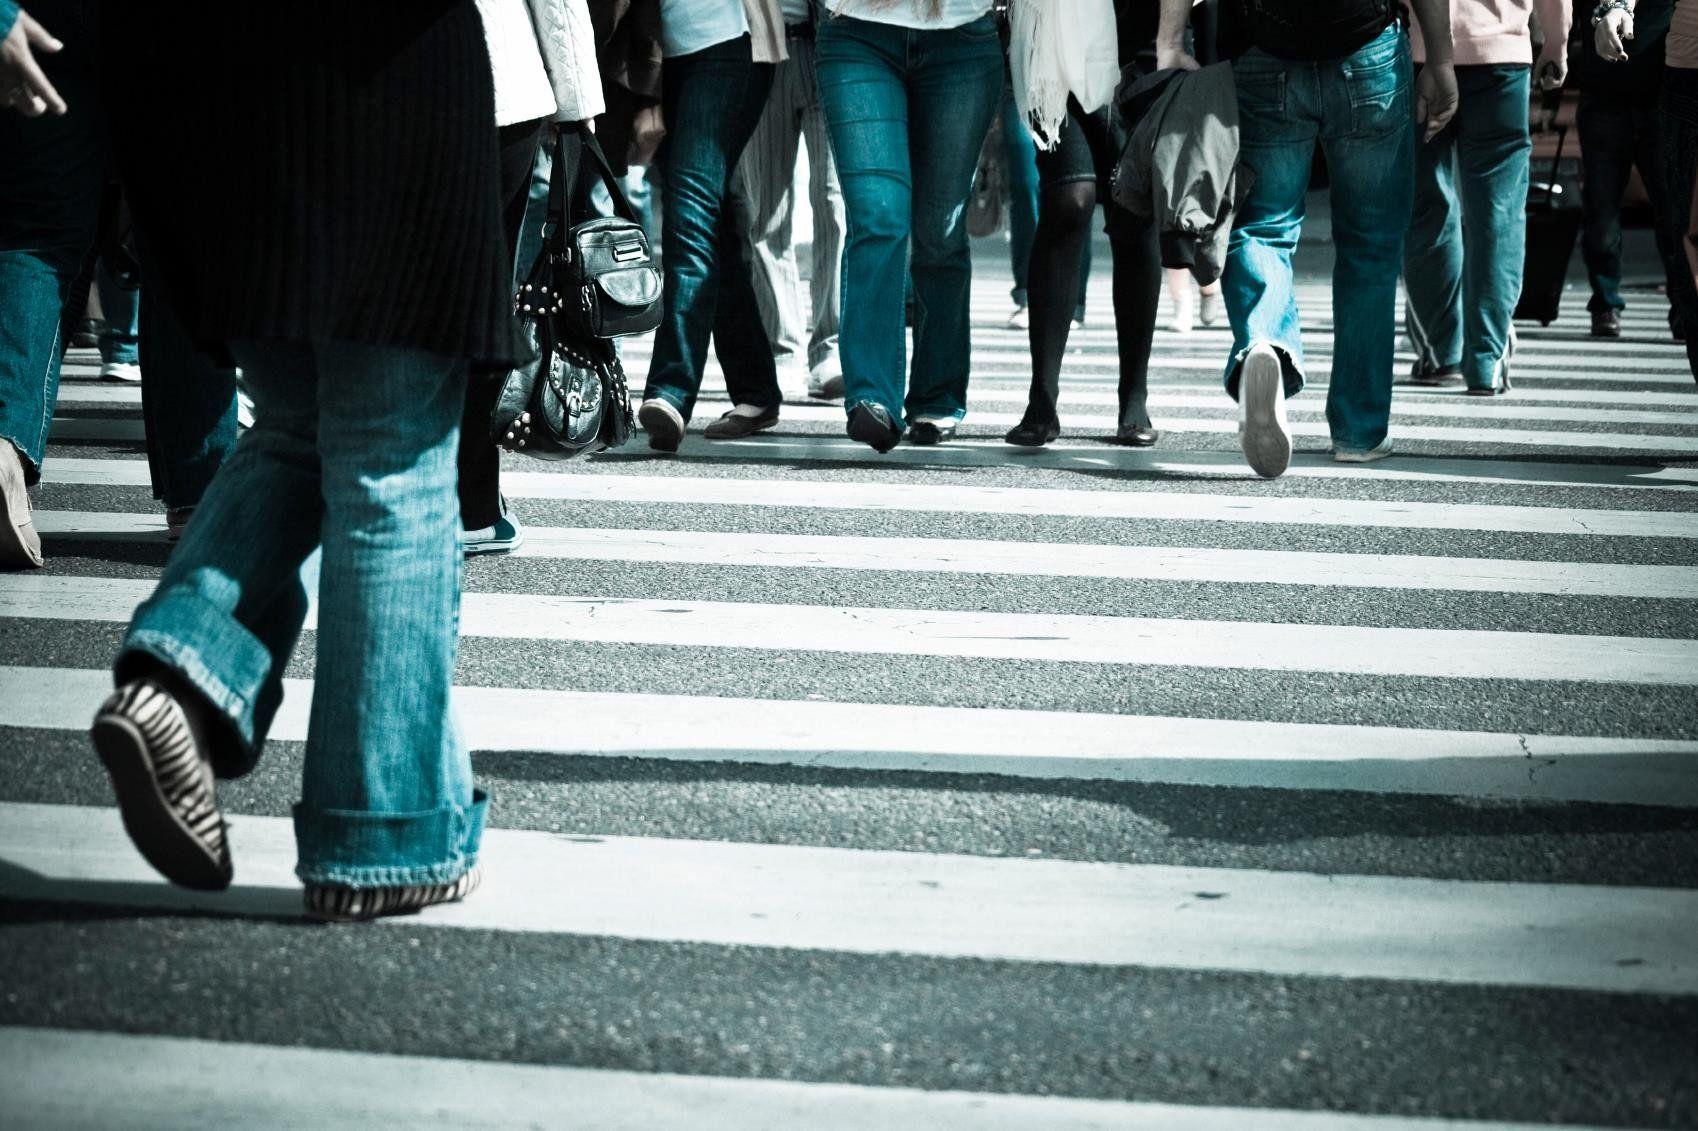 Peatones imprudentes: ¿cuáles son las infracciones que más cometen?